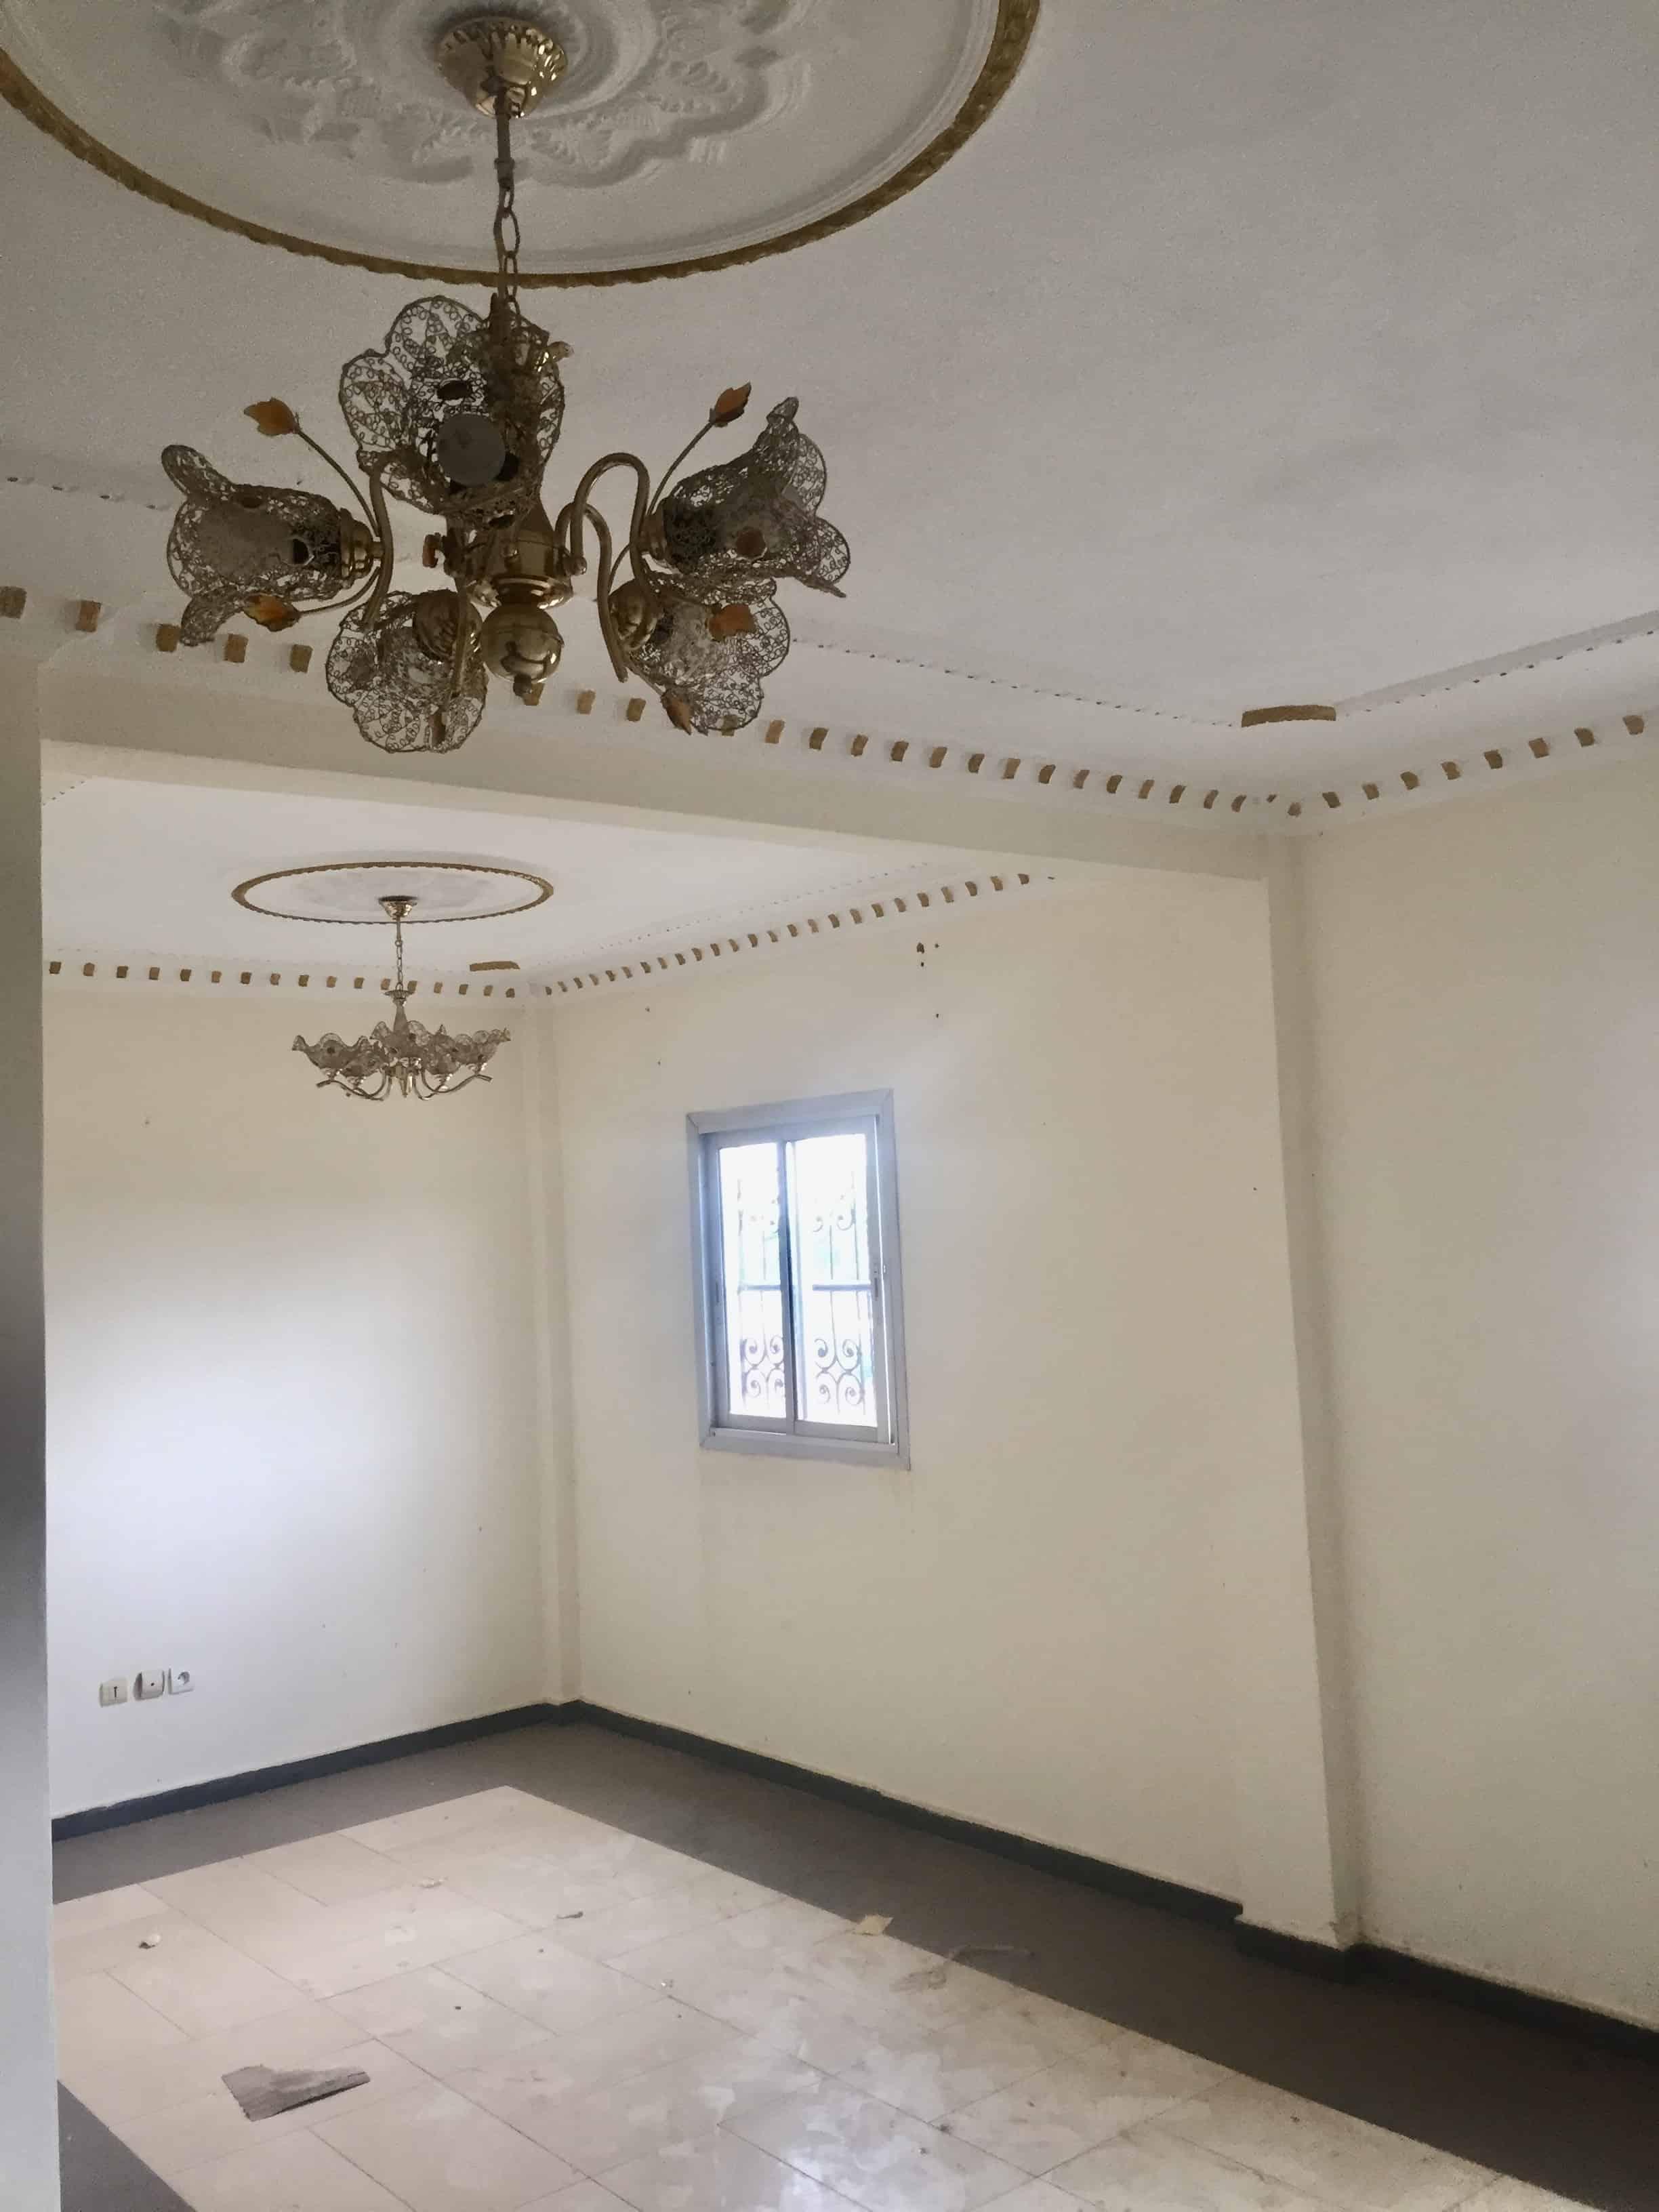 Appartement à louer - Yaoundé, Bastos, Carrefour - 1 salon(s), 3 chambre(s), 2 salle(s) de bains - 350 000 FCFA / mois